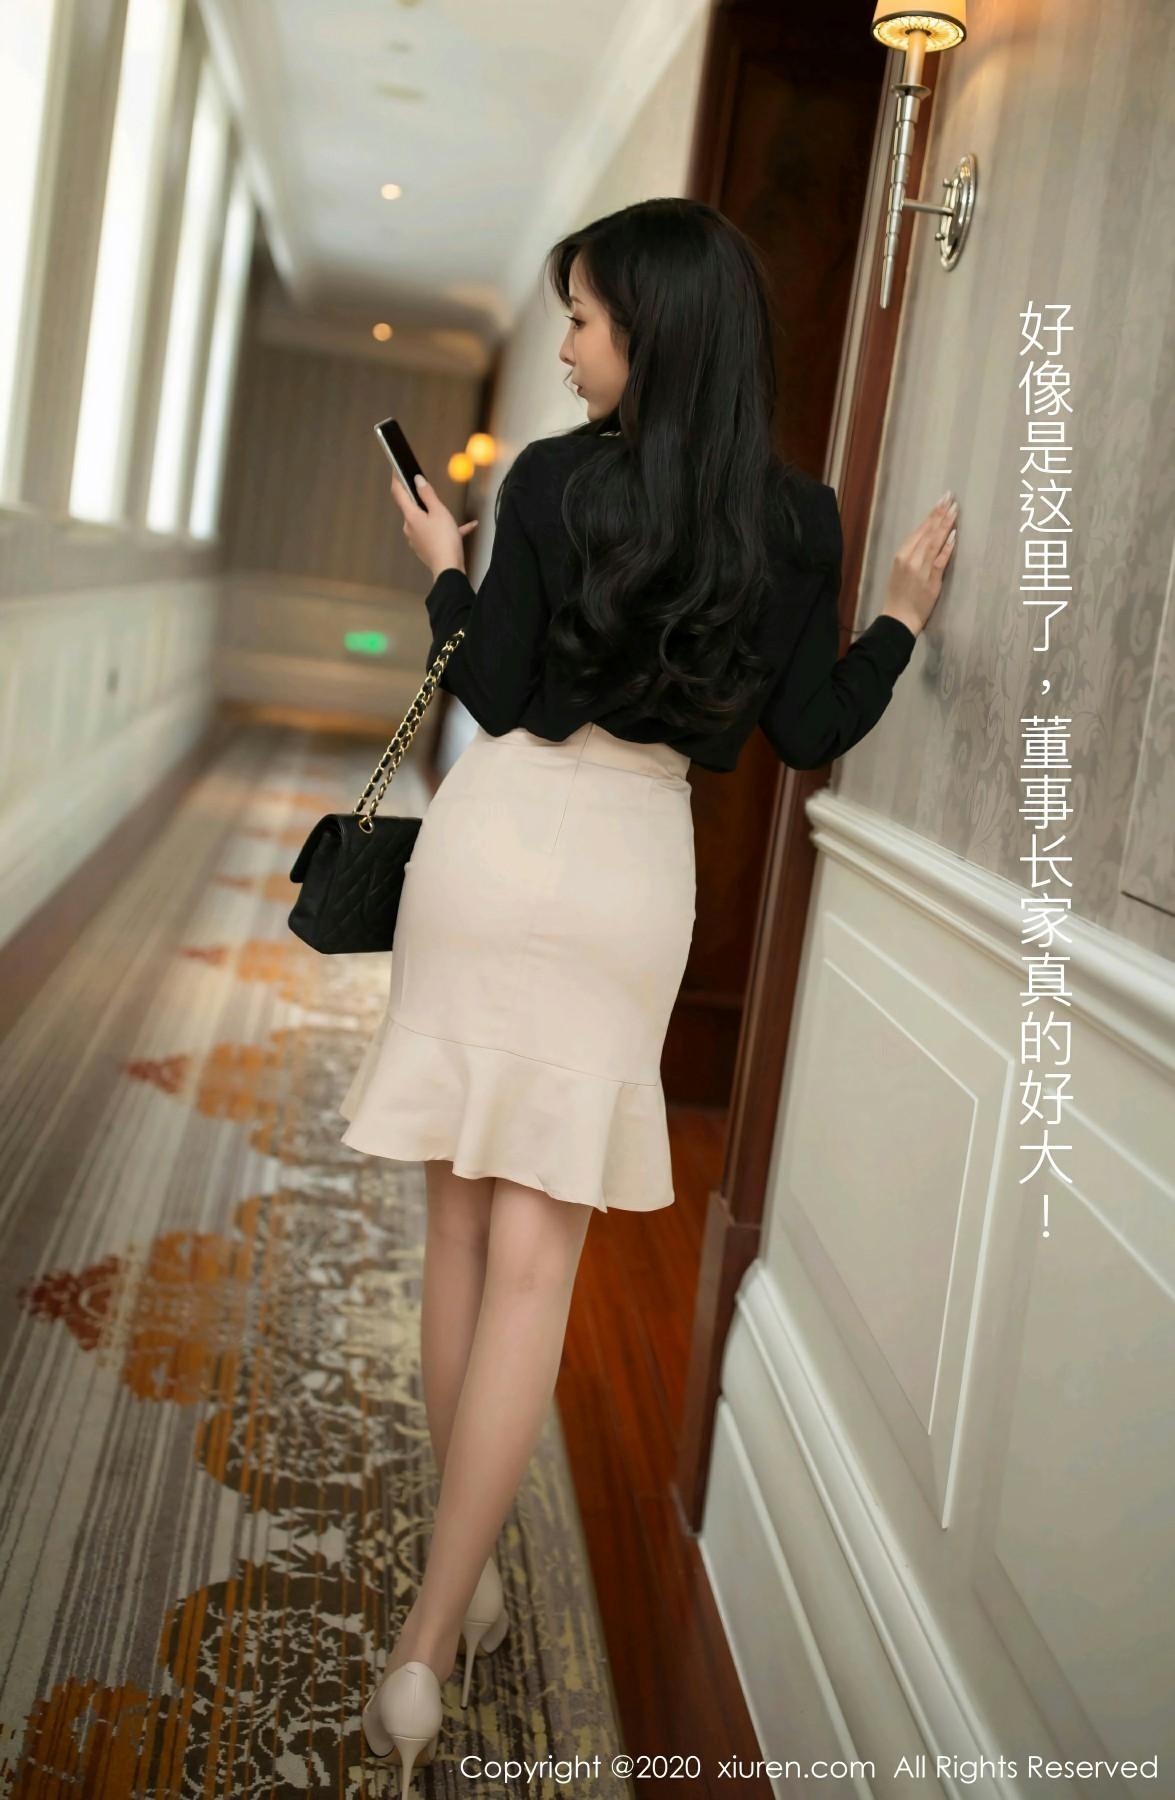 [XiuRen秀人网]2020.05.14 No.2245 陈小喵 第4张